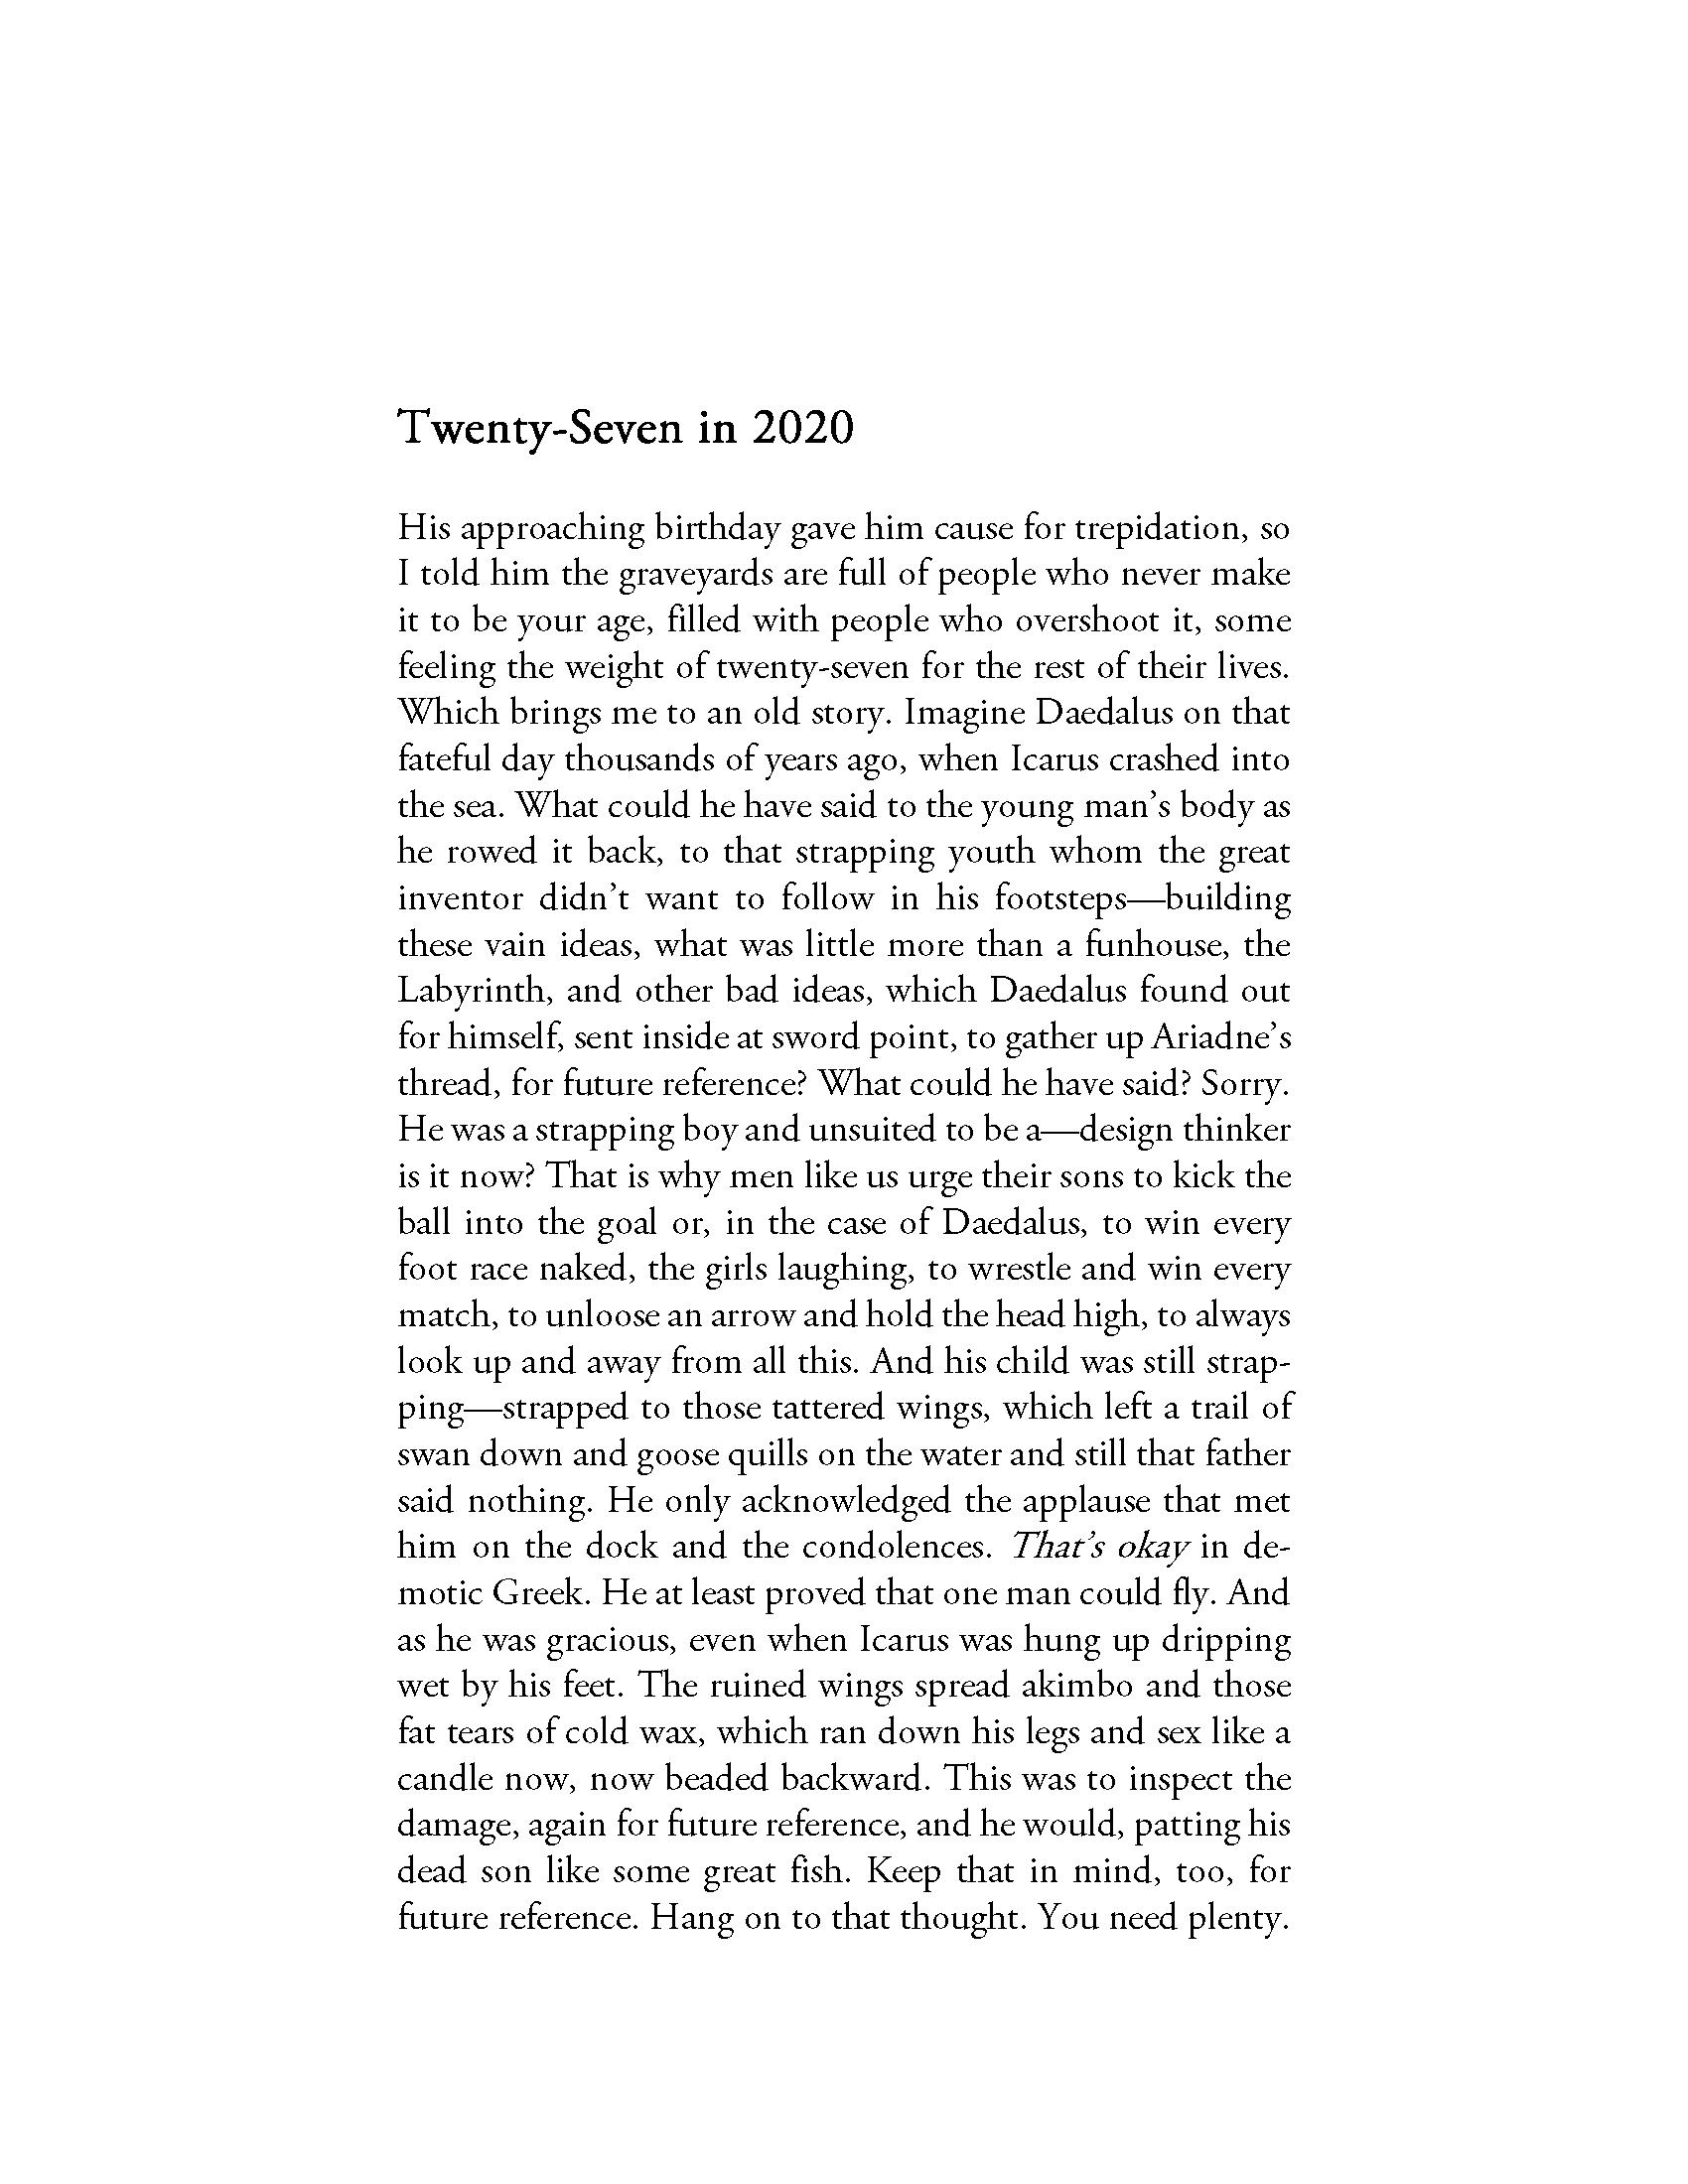 Twenty Seven - In 2020